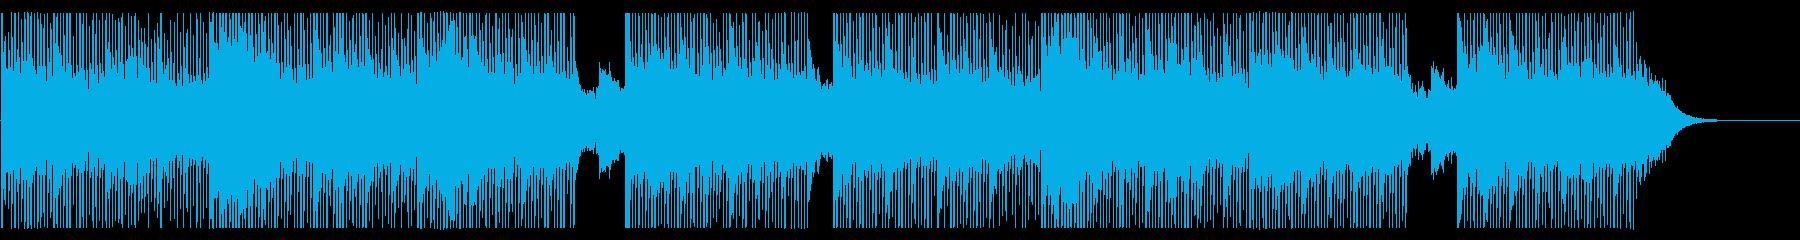 サスペンス 緊張感のあるエレクトロの再生済みの波形